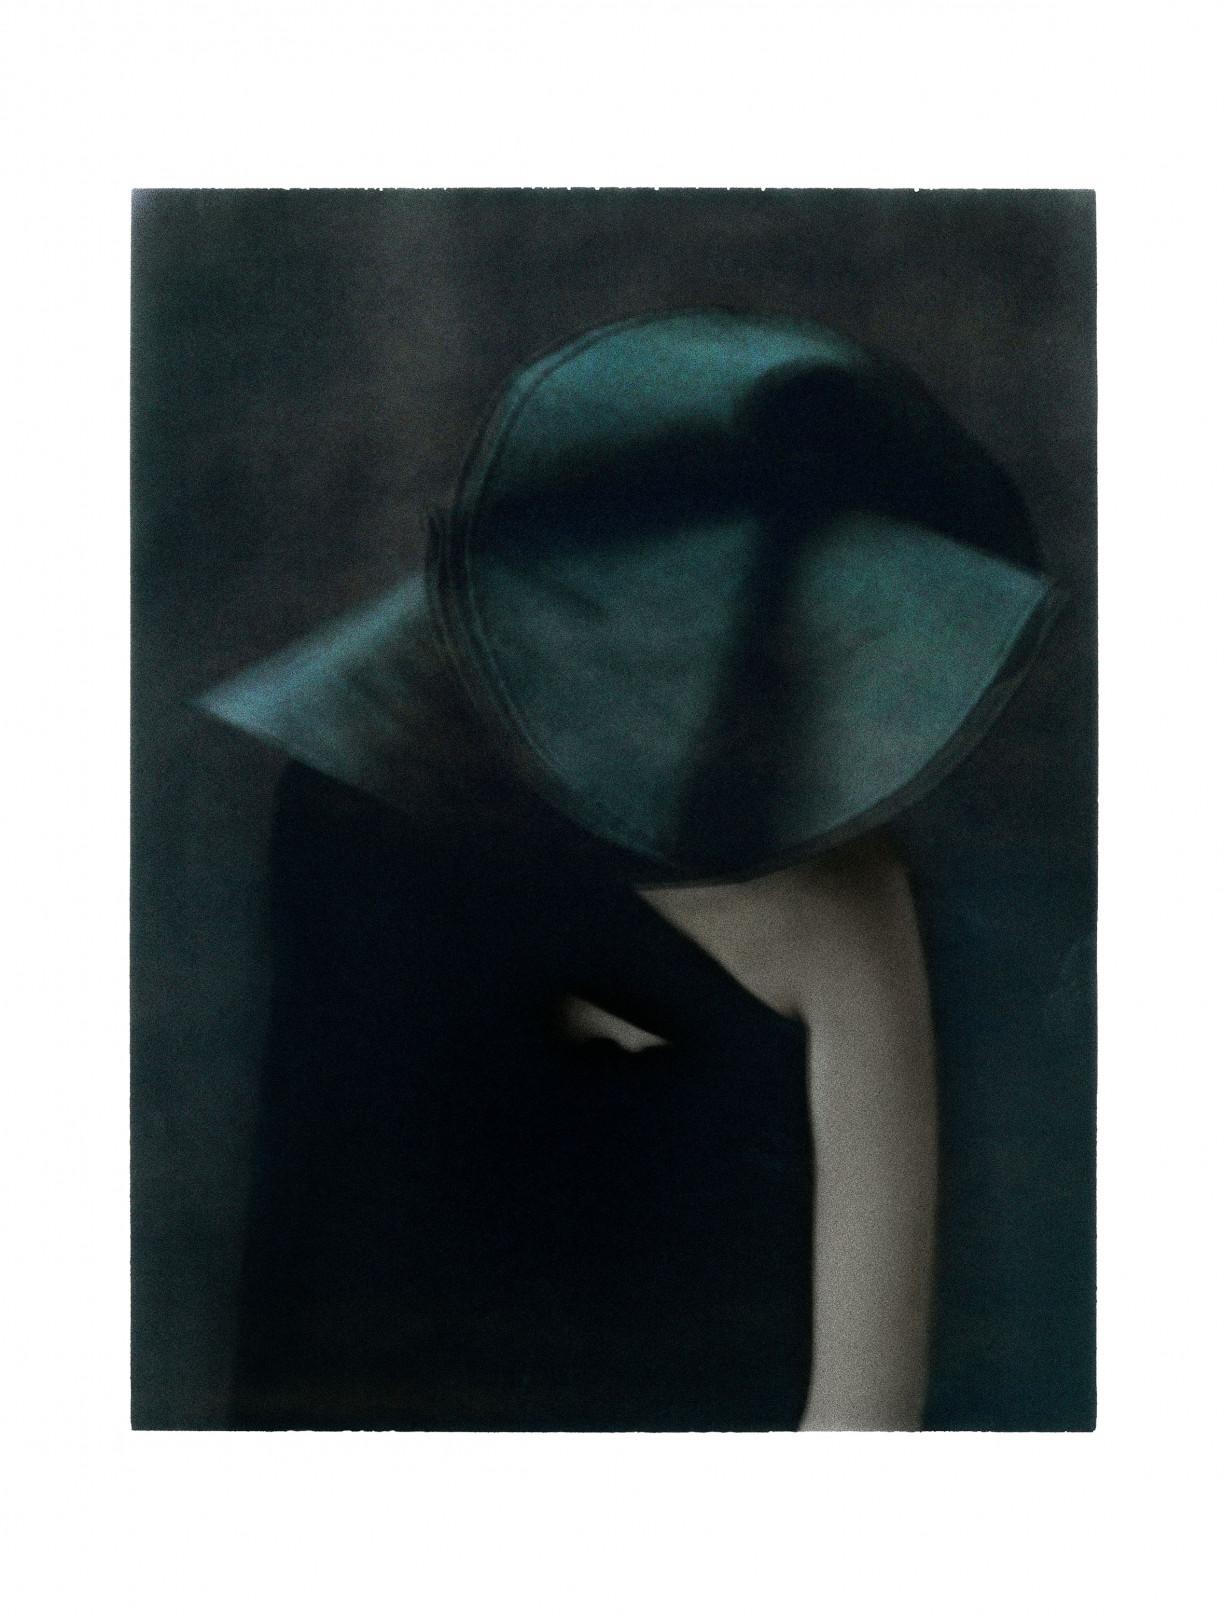 シャネル・ネクサス・ホールにて、女性写真家サラ ムーンの個展「D'un jour à l'autre 巡りゆく日々」が開催